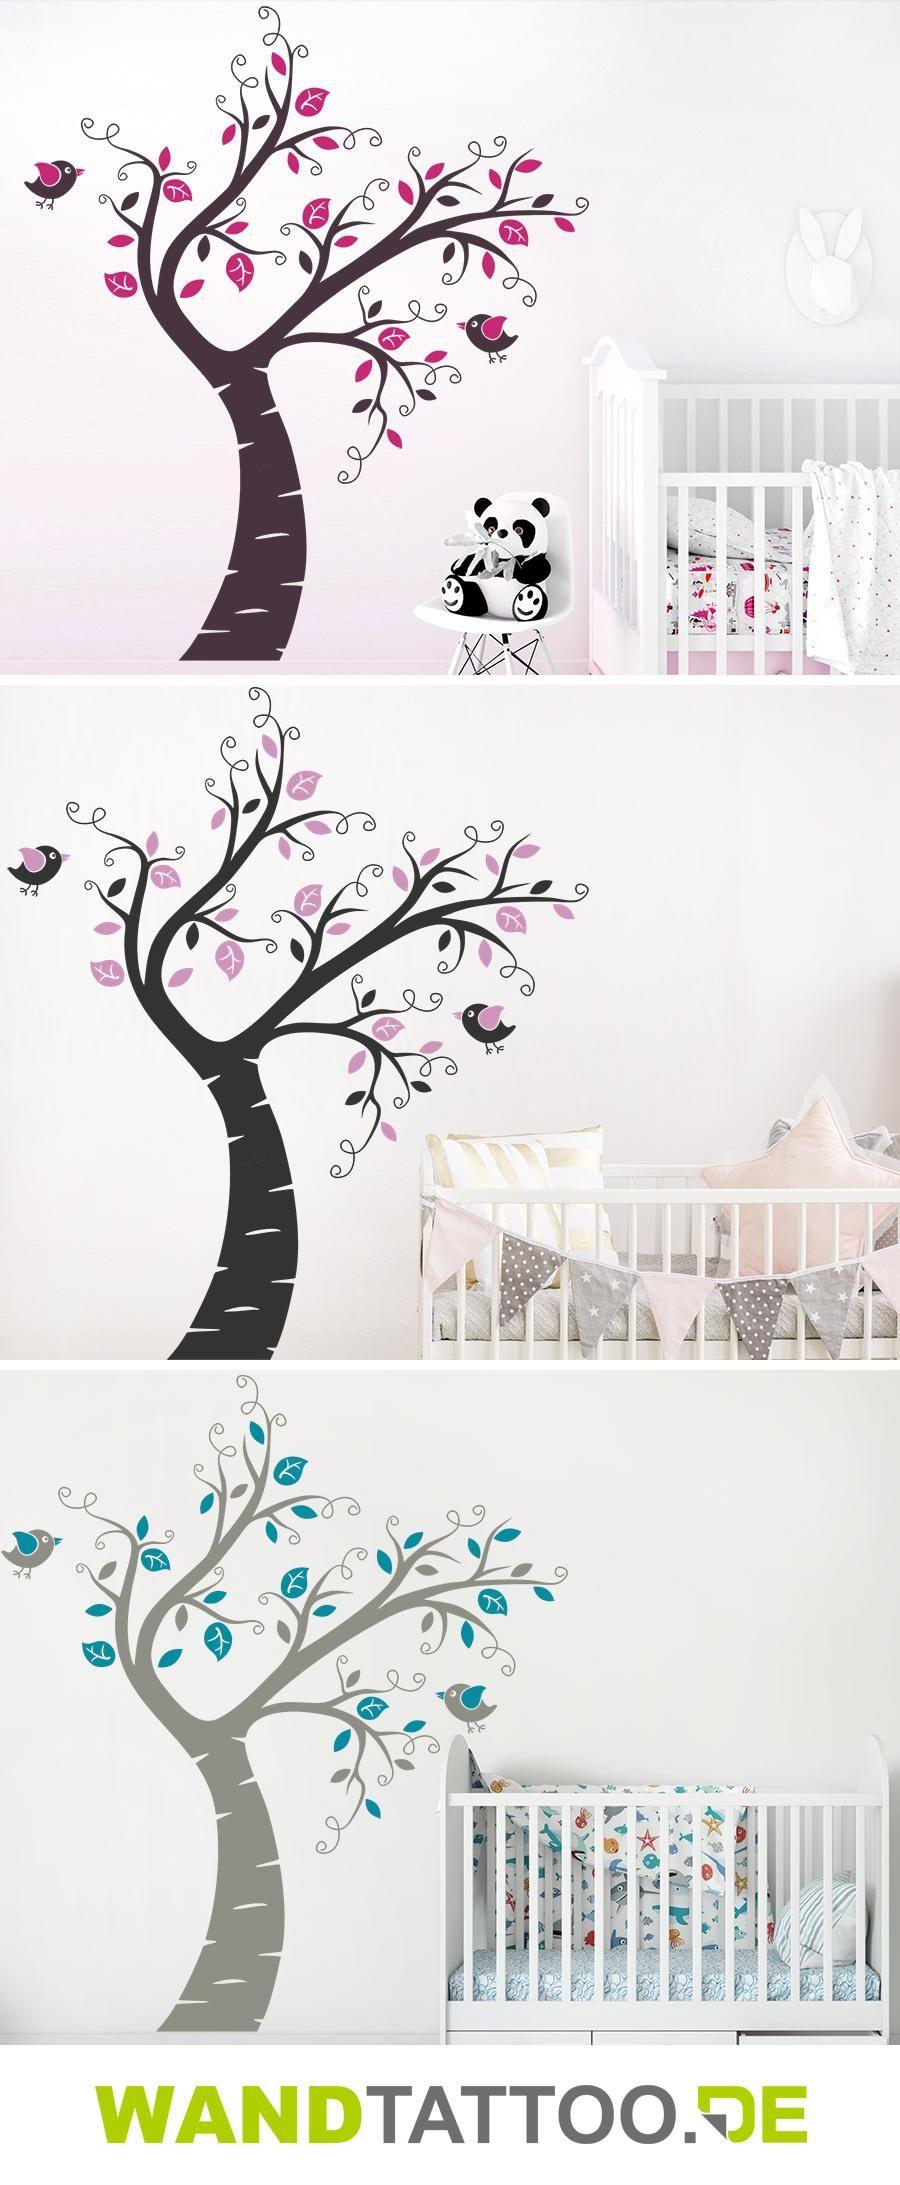 Wandtattoo Kinderbaum hier entdecken. Spitzenqualität aus Deutschland | schnelle Lieferung | portofrei (D) bei WANDTATTOO.DE bestellen!